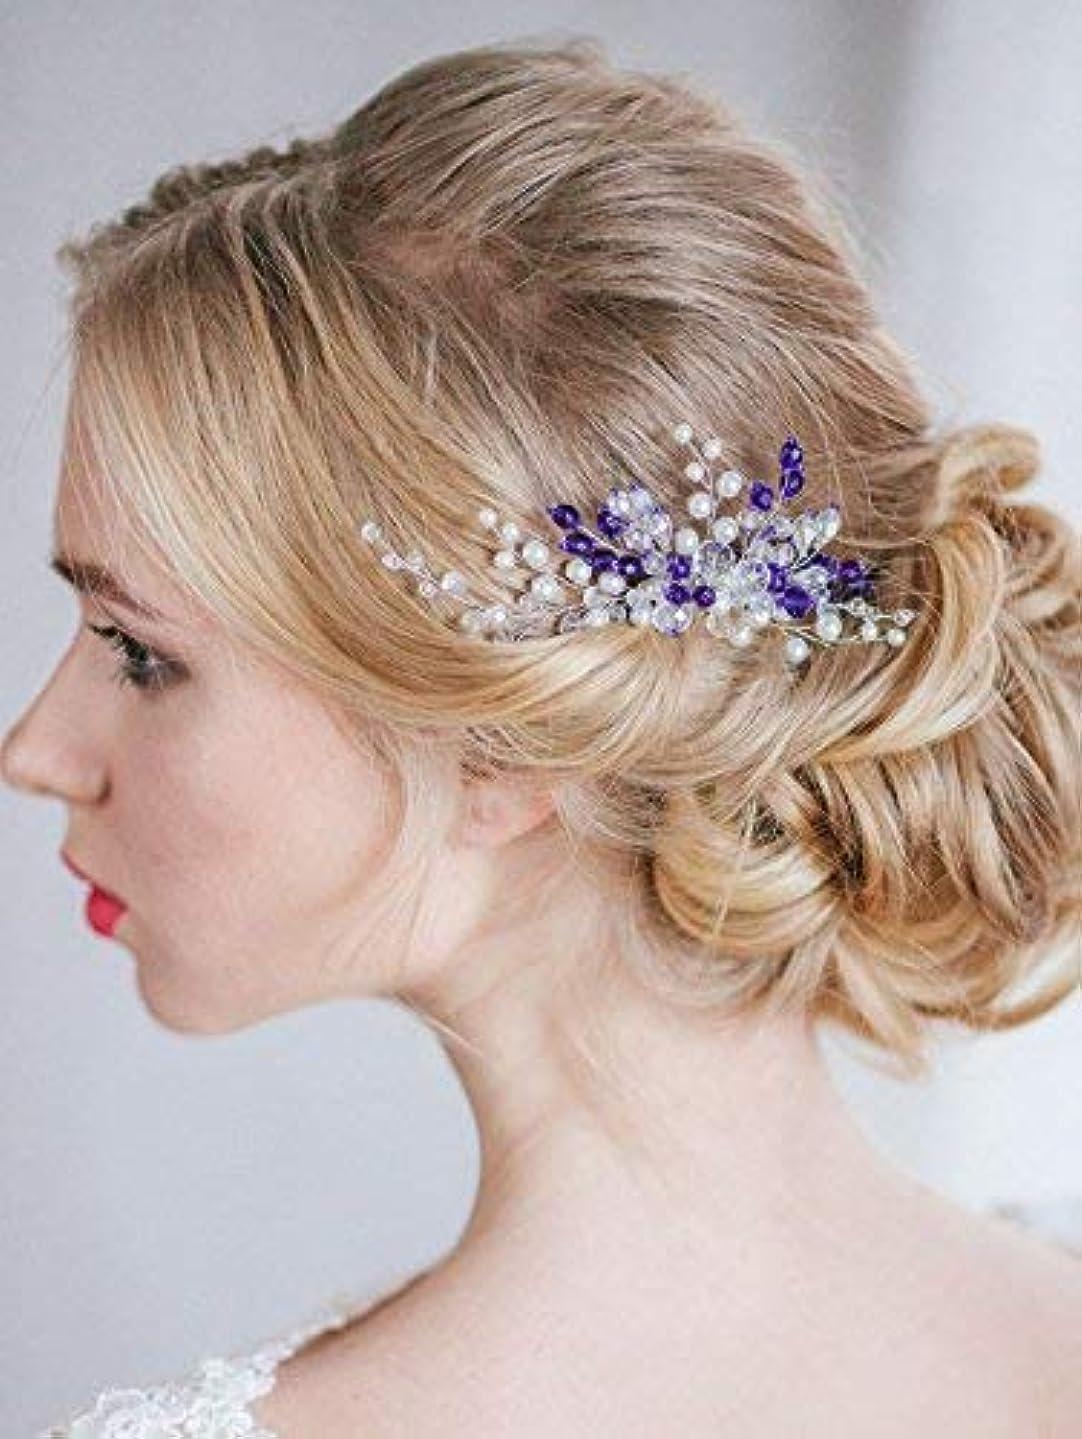 排泄する息切れ啓示FXmimior Bridal Wedding Vintage Crystal Rhinestone Vintage Hair Comb Hair Accessories Women Hair Jewelry [並行輸入品]